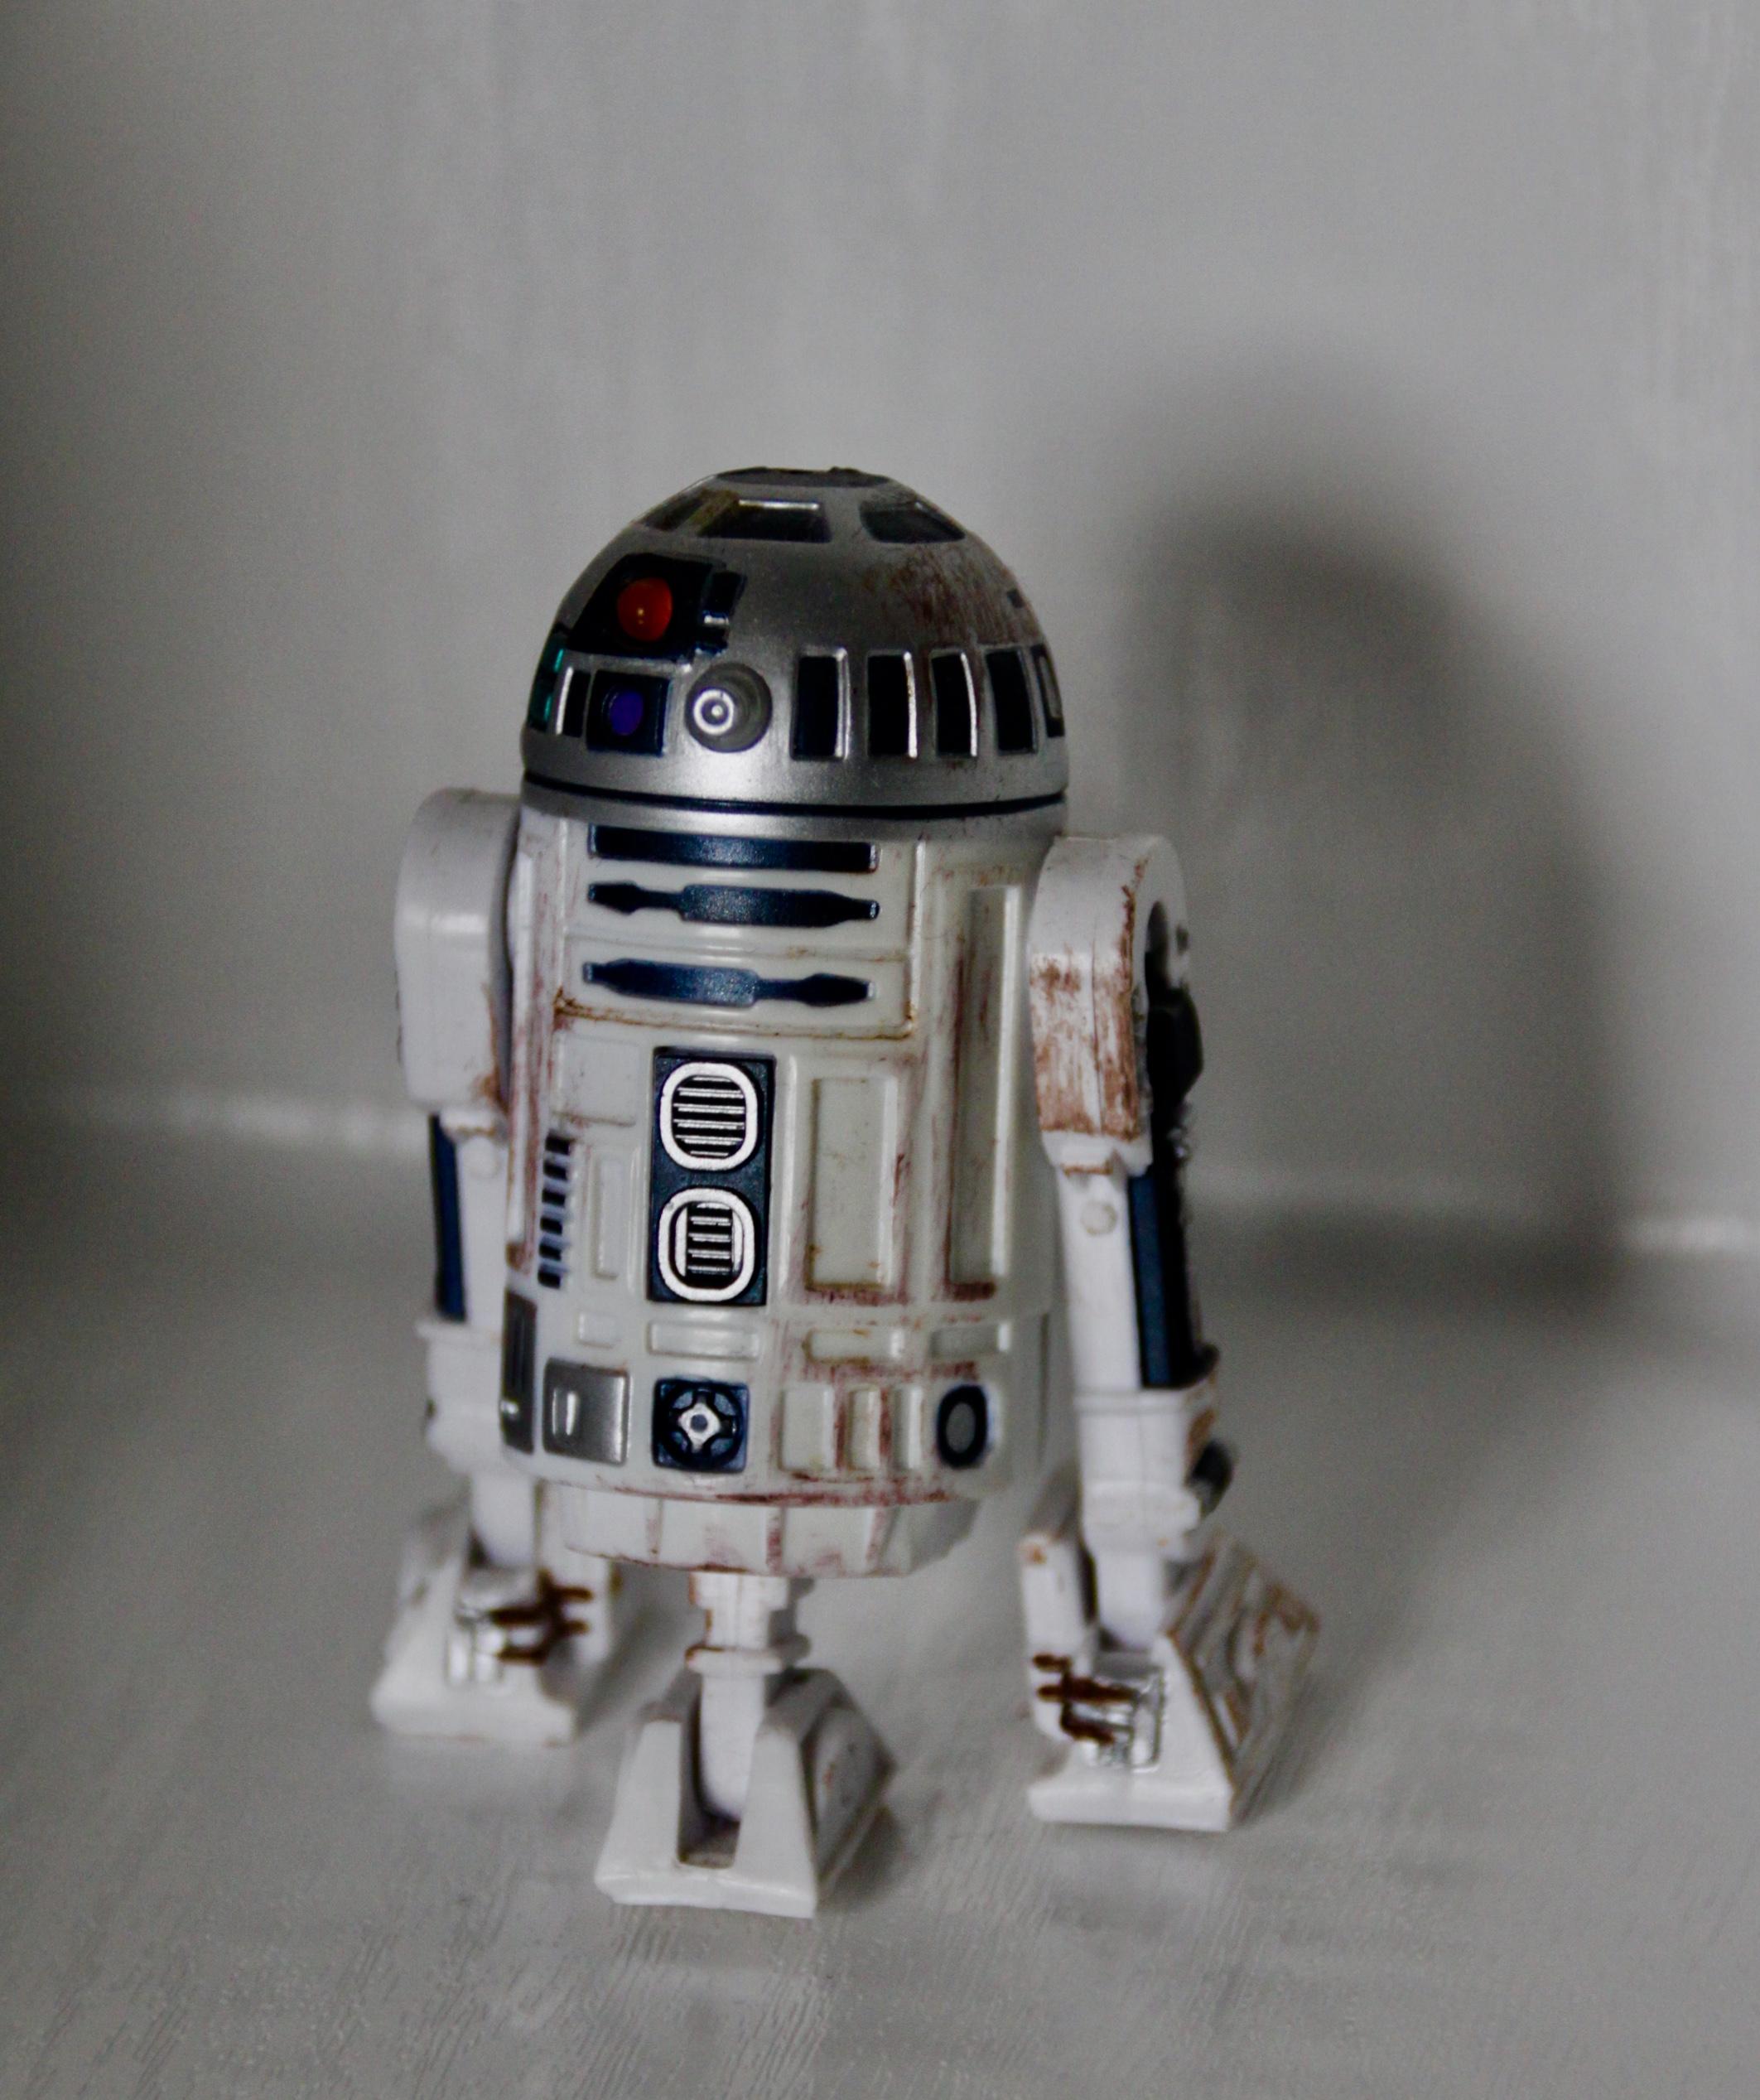 Model of R2D2 by Jez Braithwaite